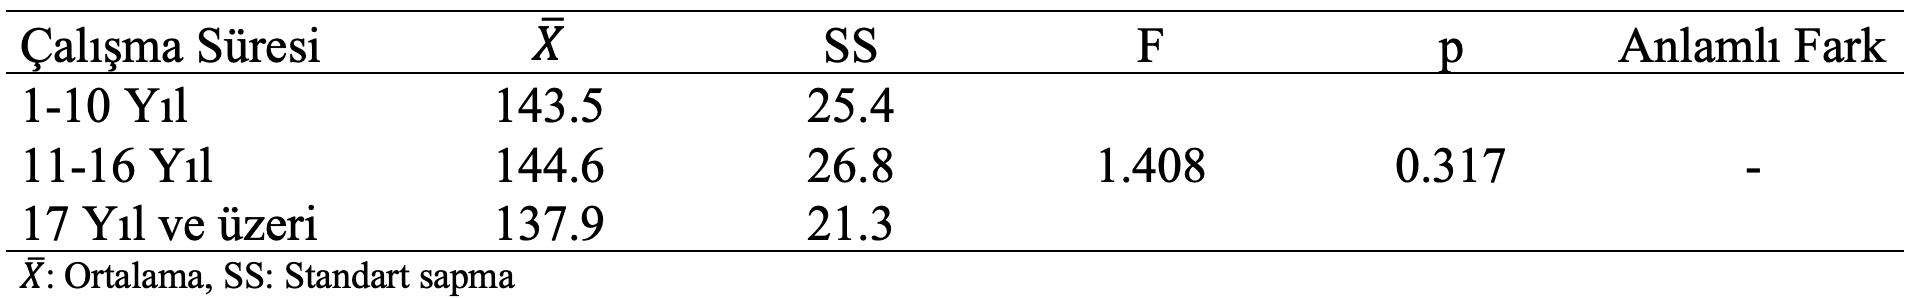 hemşirelik aktivite ölçeği çalışma sürelerine karşılaştırma